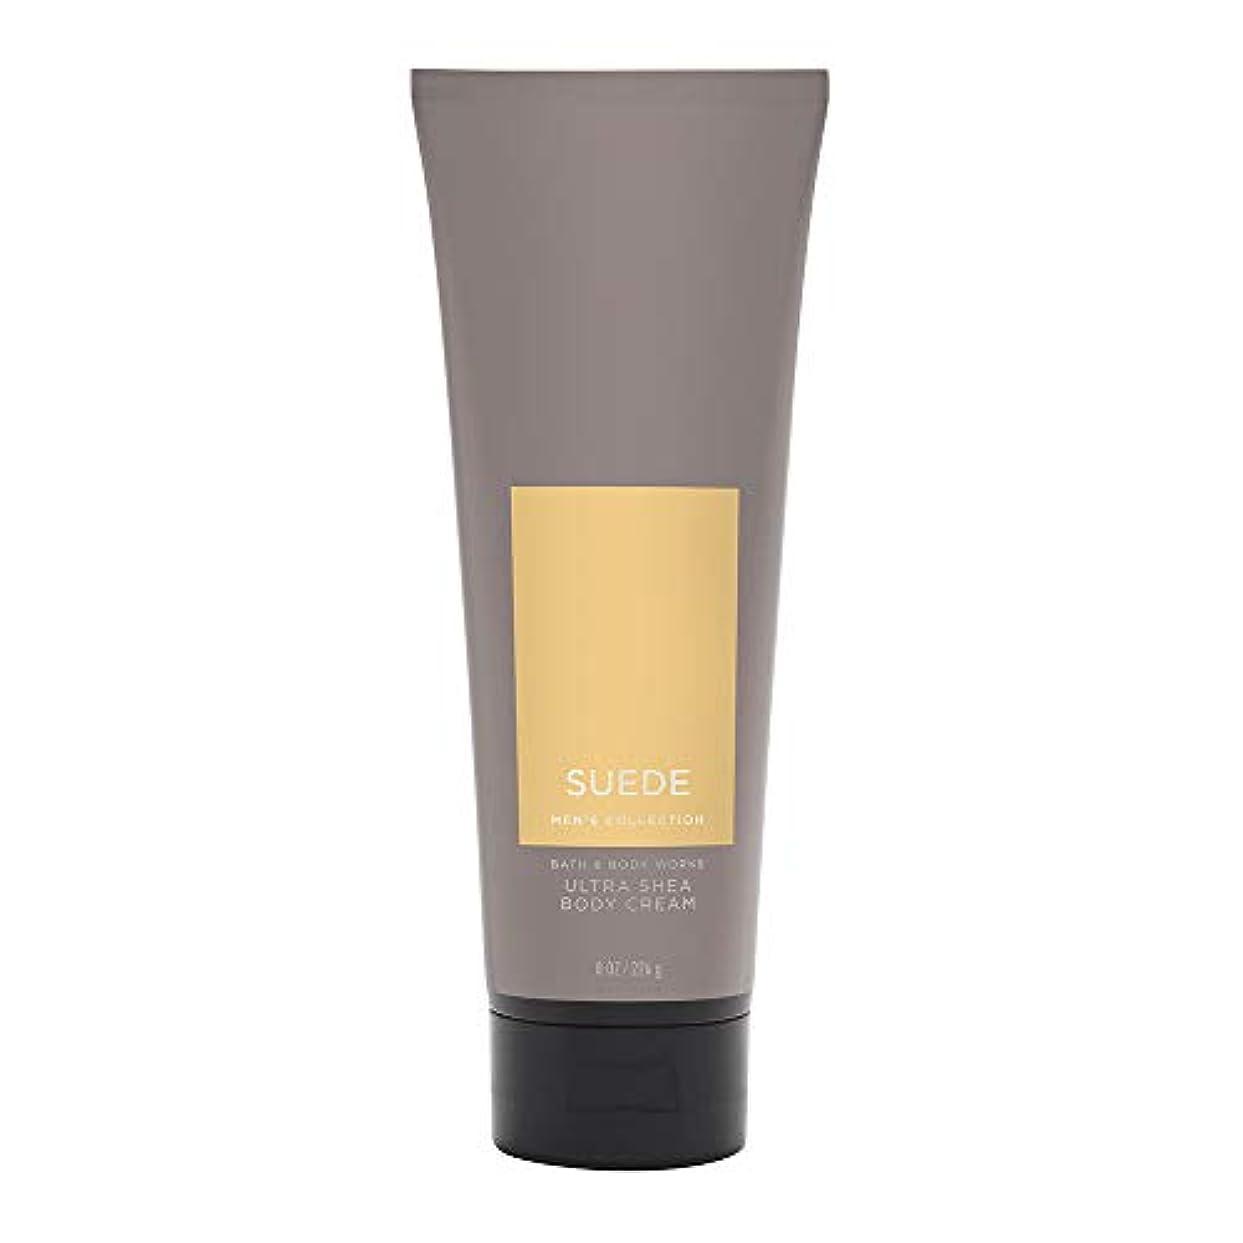 覆す大使罪【並行輸入品】Bath and Body Works Suede for Men Ultra Shea Body Cream 226 g